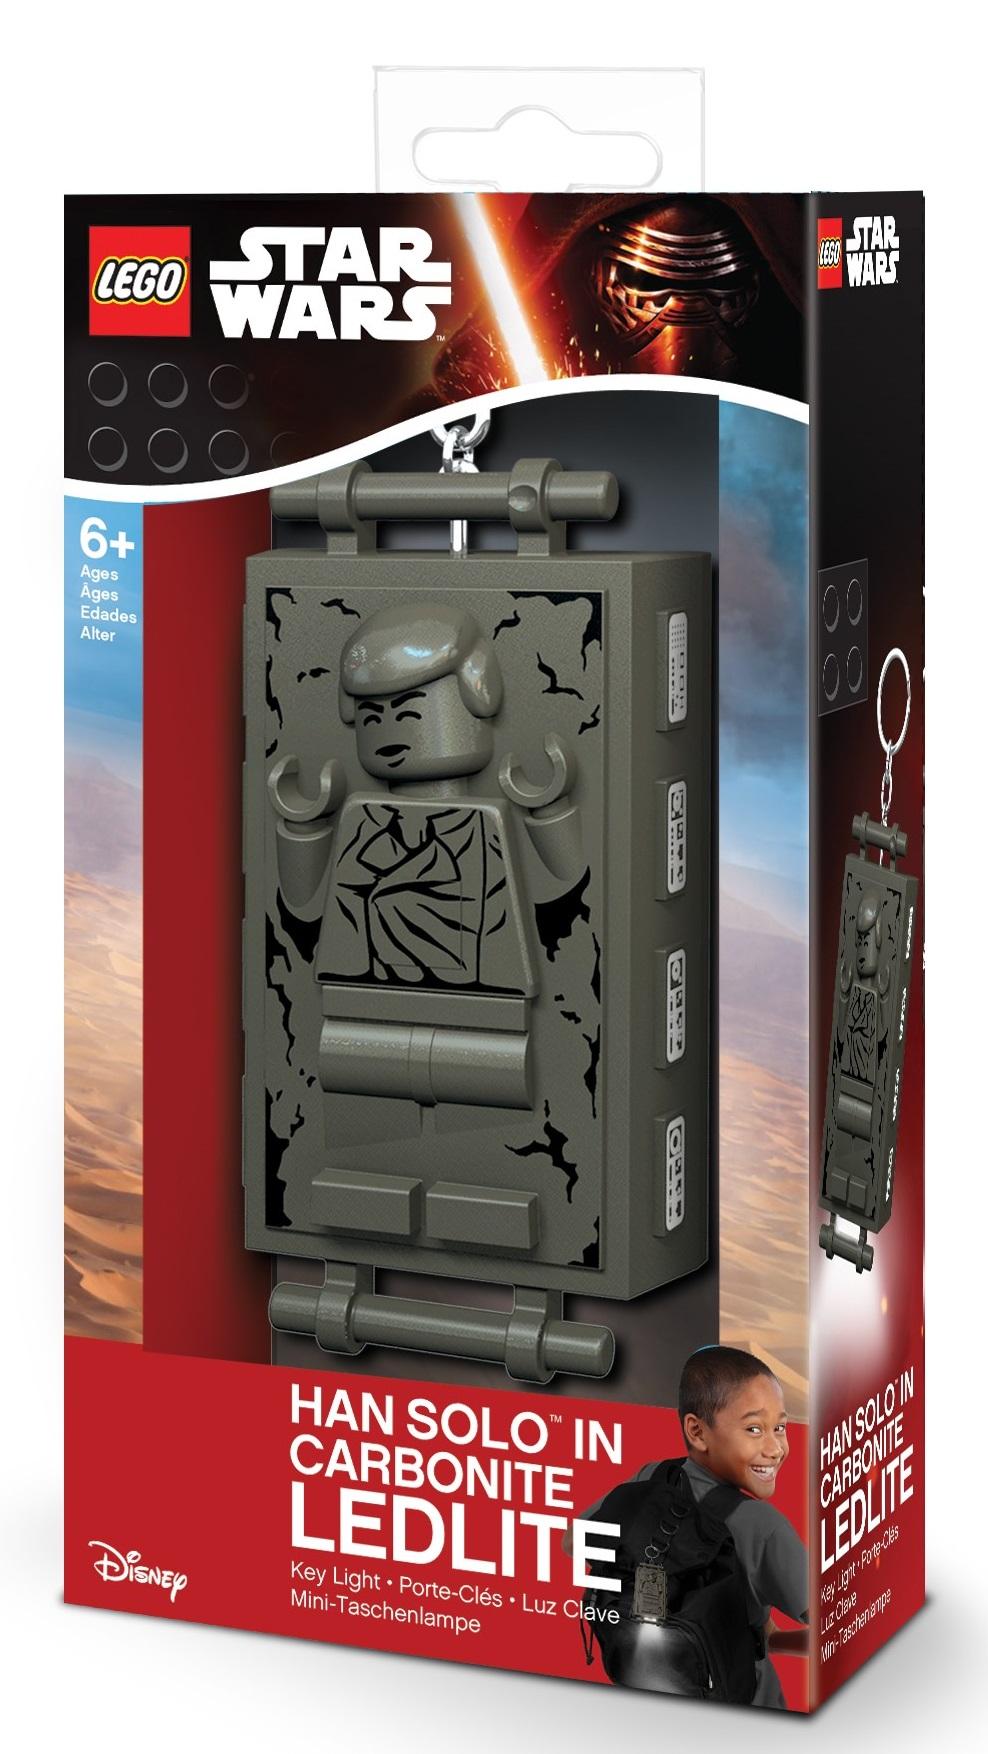 Брелок-фонарик для ключей LEGO Star Wars: Han SoloБрелок-фонарик Хан Соло станет прекрасным подарком для поклонников фантастической серии. Моделька выполнена в лучших традициях LEGO и поражает своей проработанностью.<br>